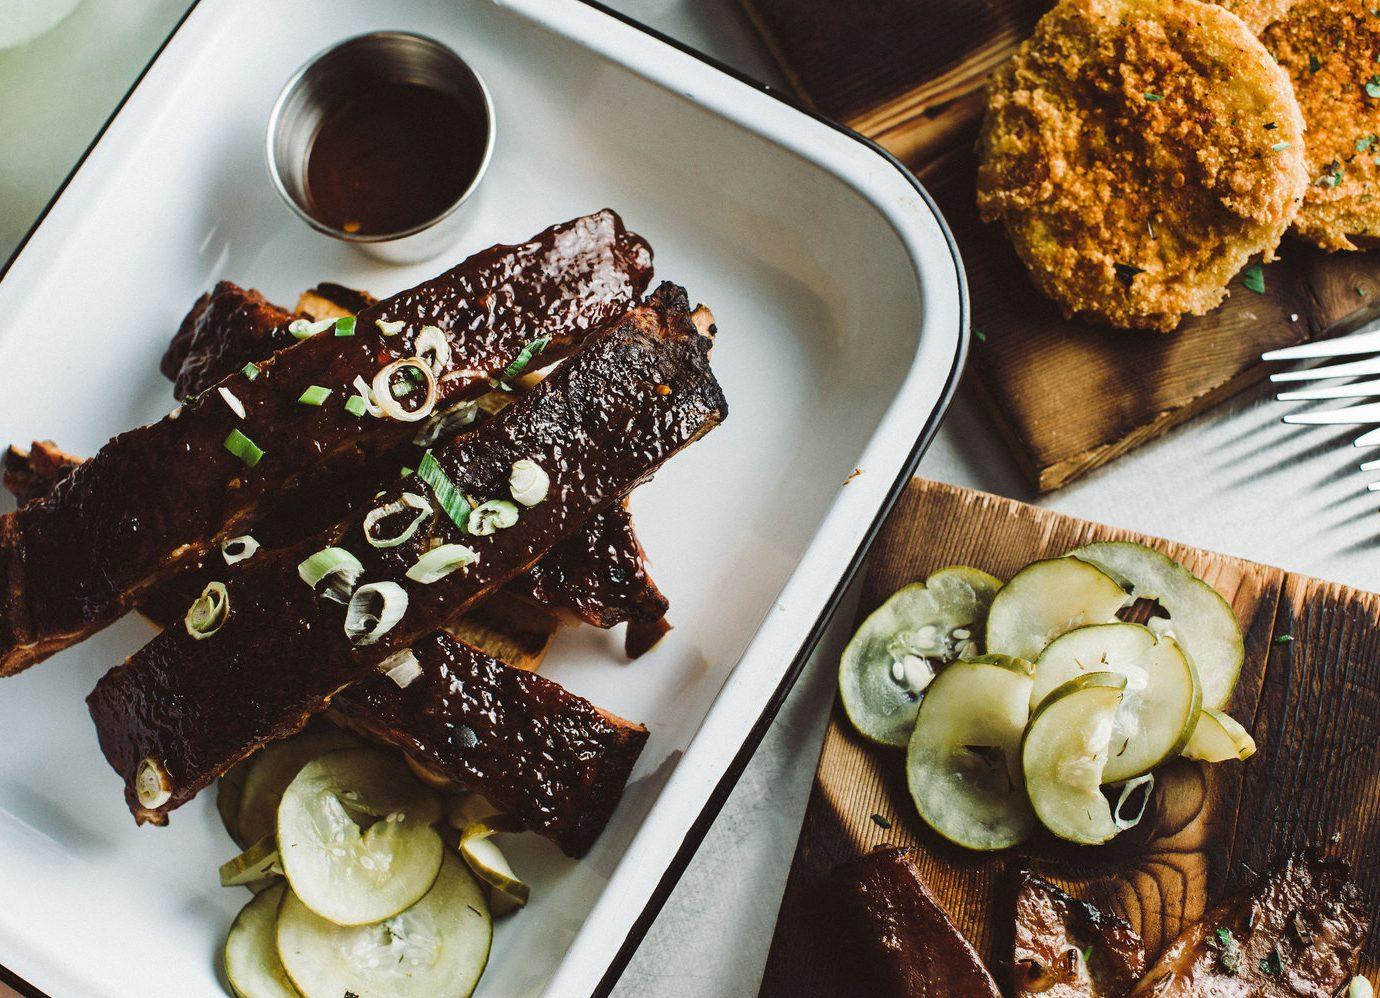 Gilbert's Underground Kitchen ribs